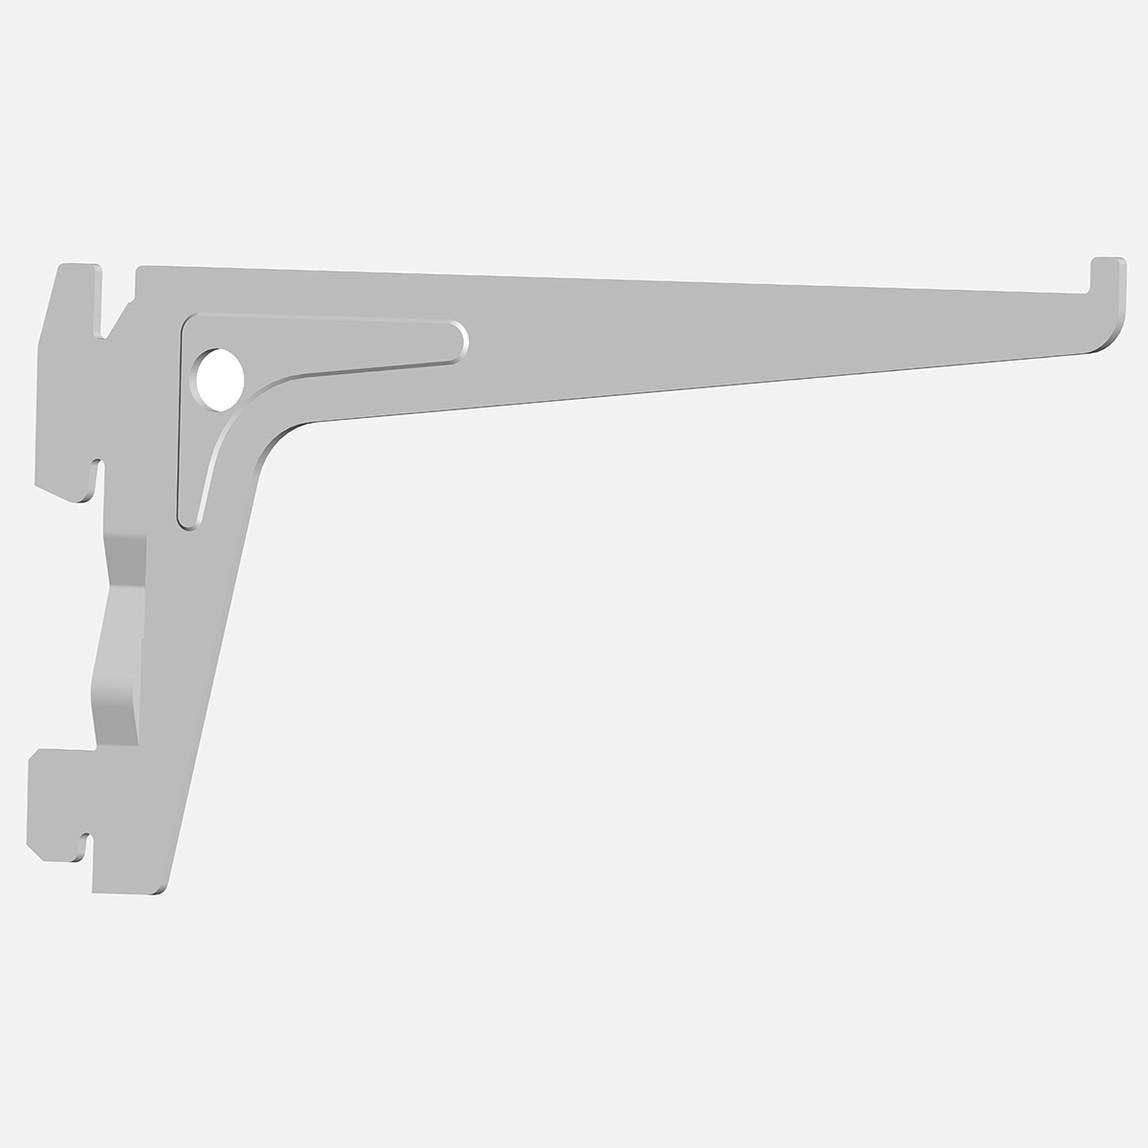 Raf Taşıyıcı Kol, EL50, 150mm, beyaz